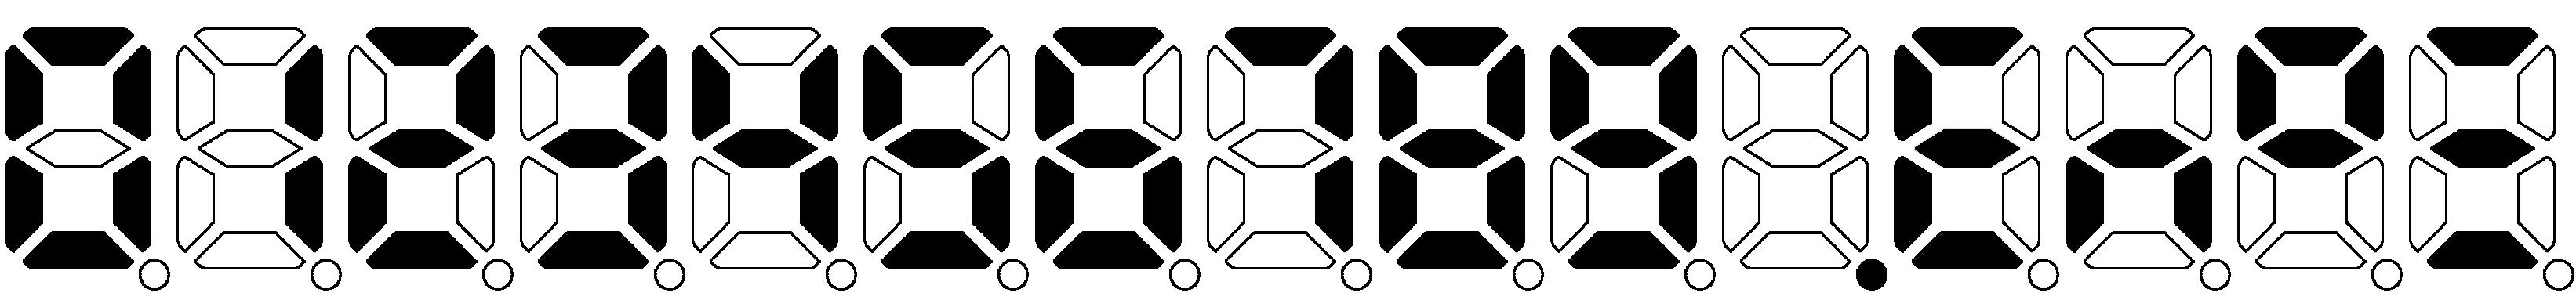 7SegDigits